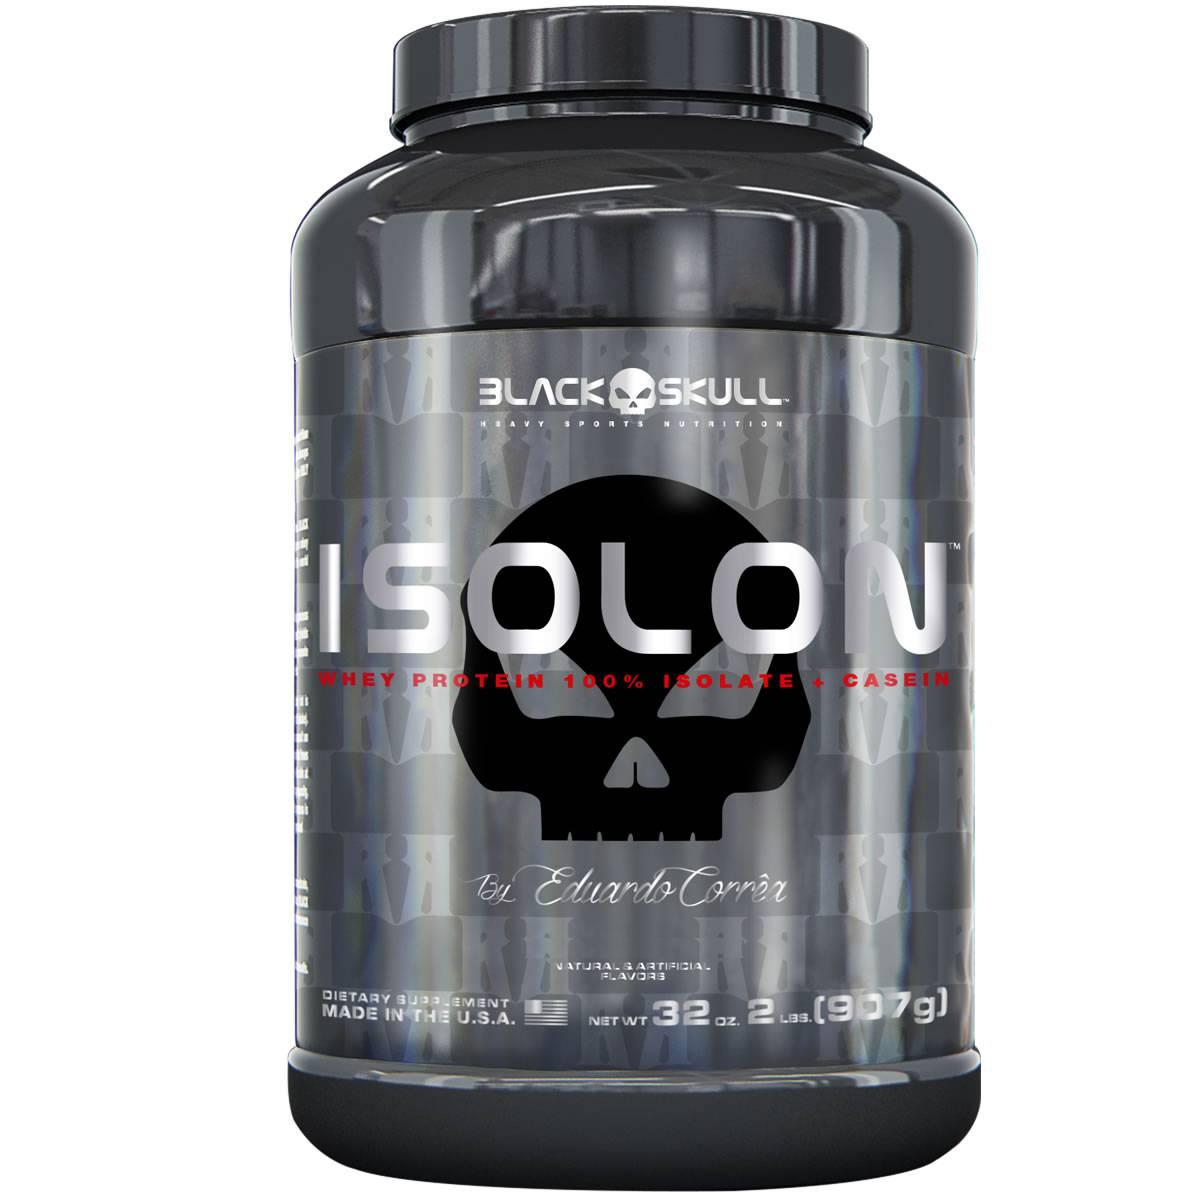 Isolon 900 g - Black Skull